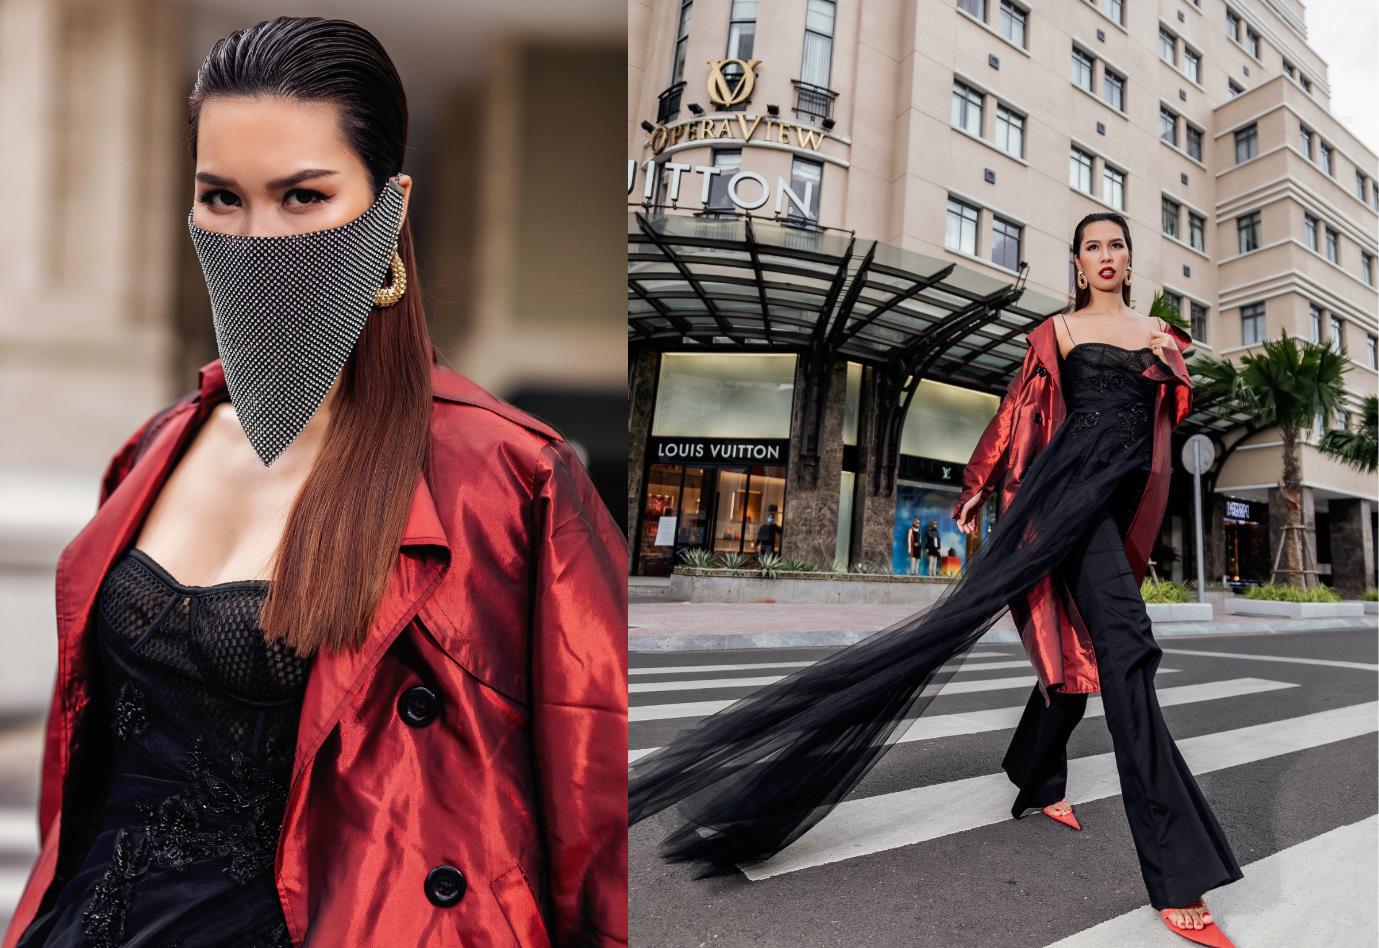 Diện đồ street style vẫn catwalk đầy thần thái, bộ đôi Hà Anh - Minh Tú vừa trở lại đã khuấy đảo làng thời trang Việt - Ảnh 4.